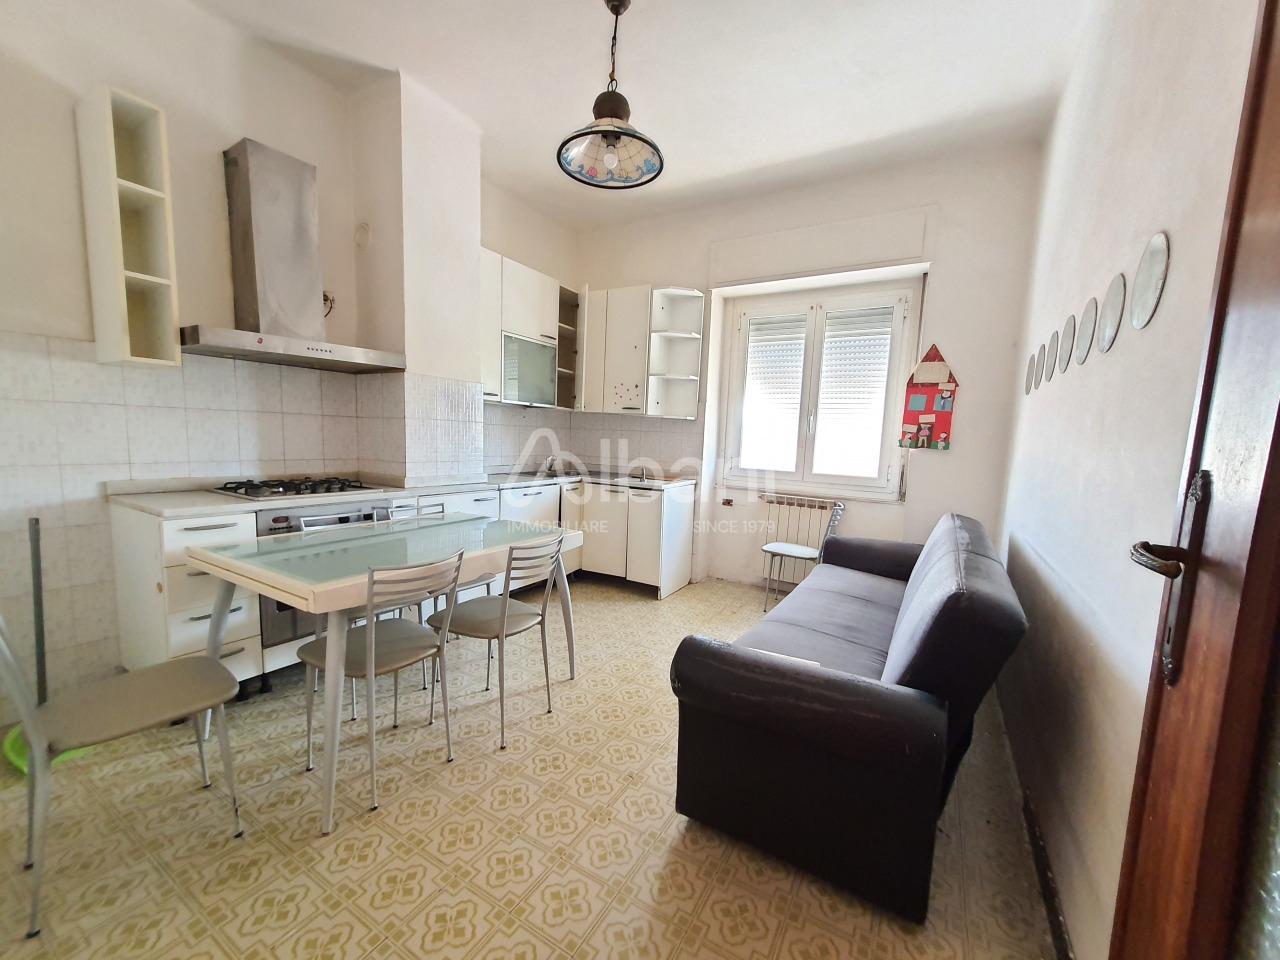 Appartamento in vendita a La Spezia, 3 locali, prezzo € 105.000 | PortaleAgenzieImmobiliari.it